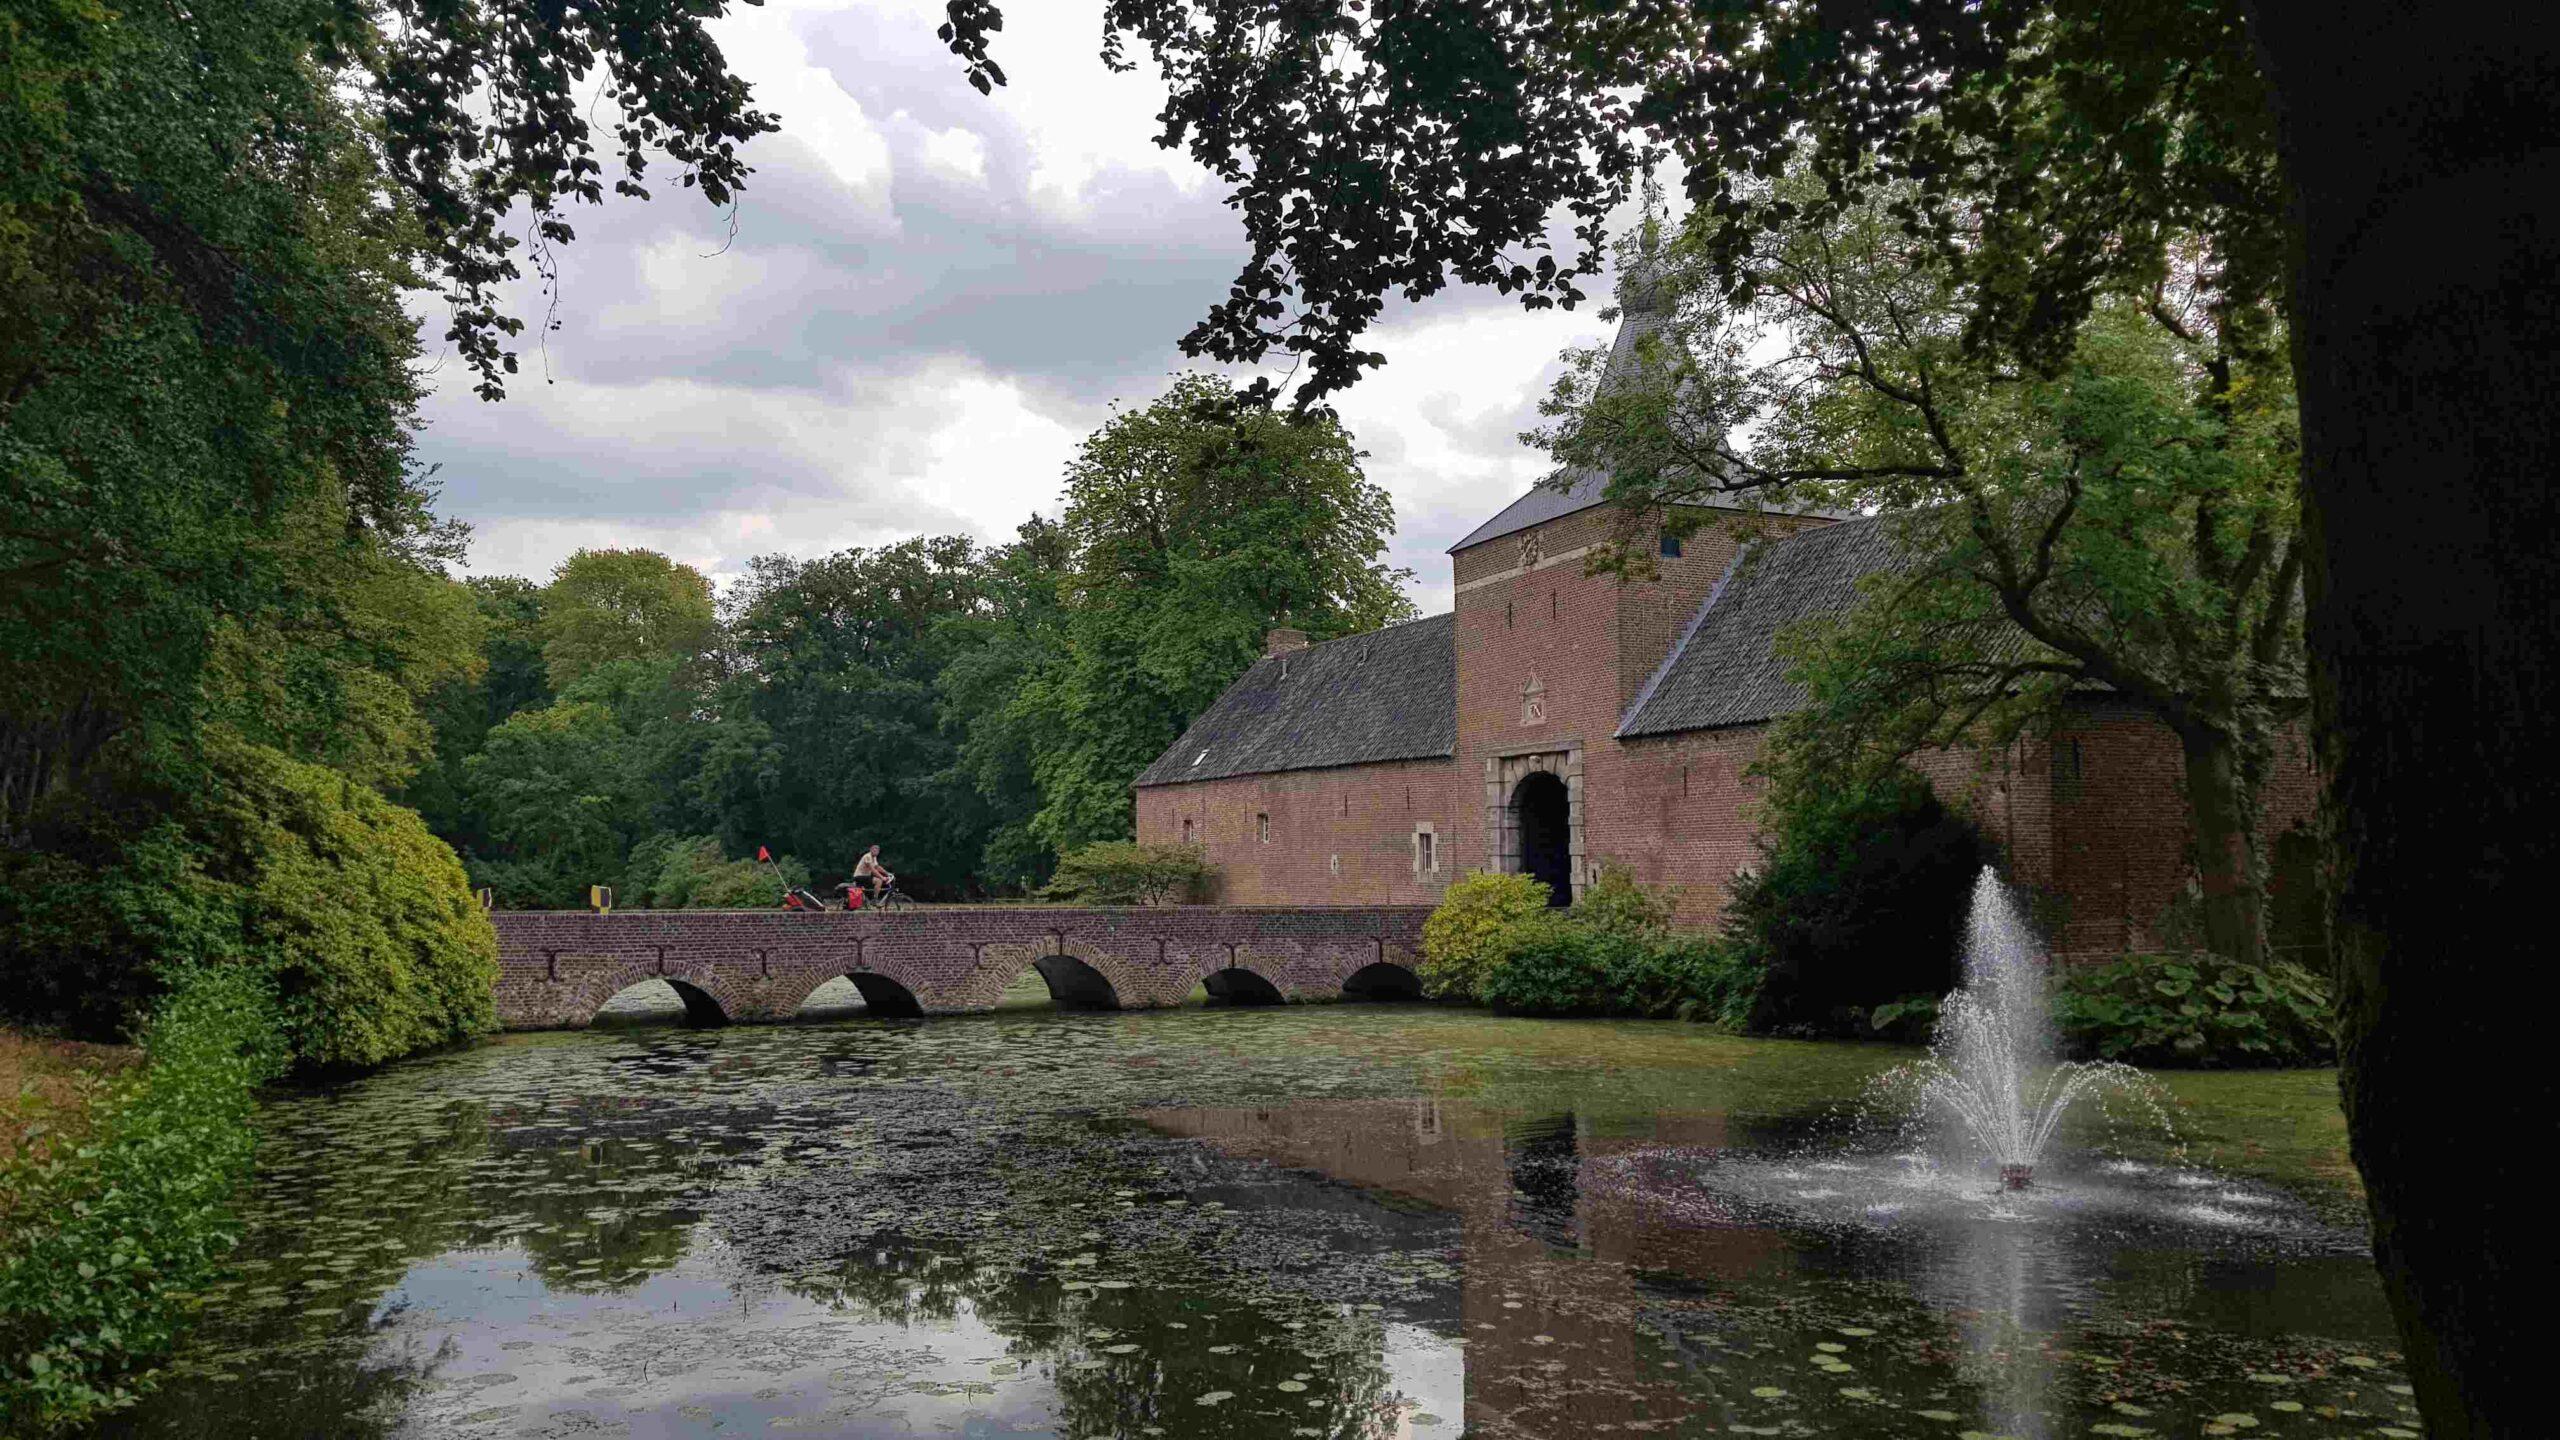 Ronde-van-Nederland-op-de-fiets-Arcen